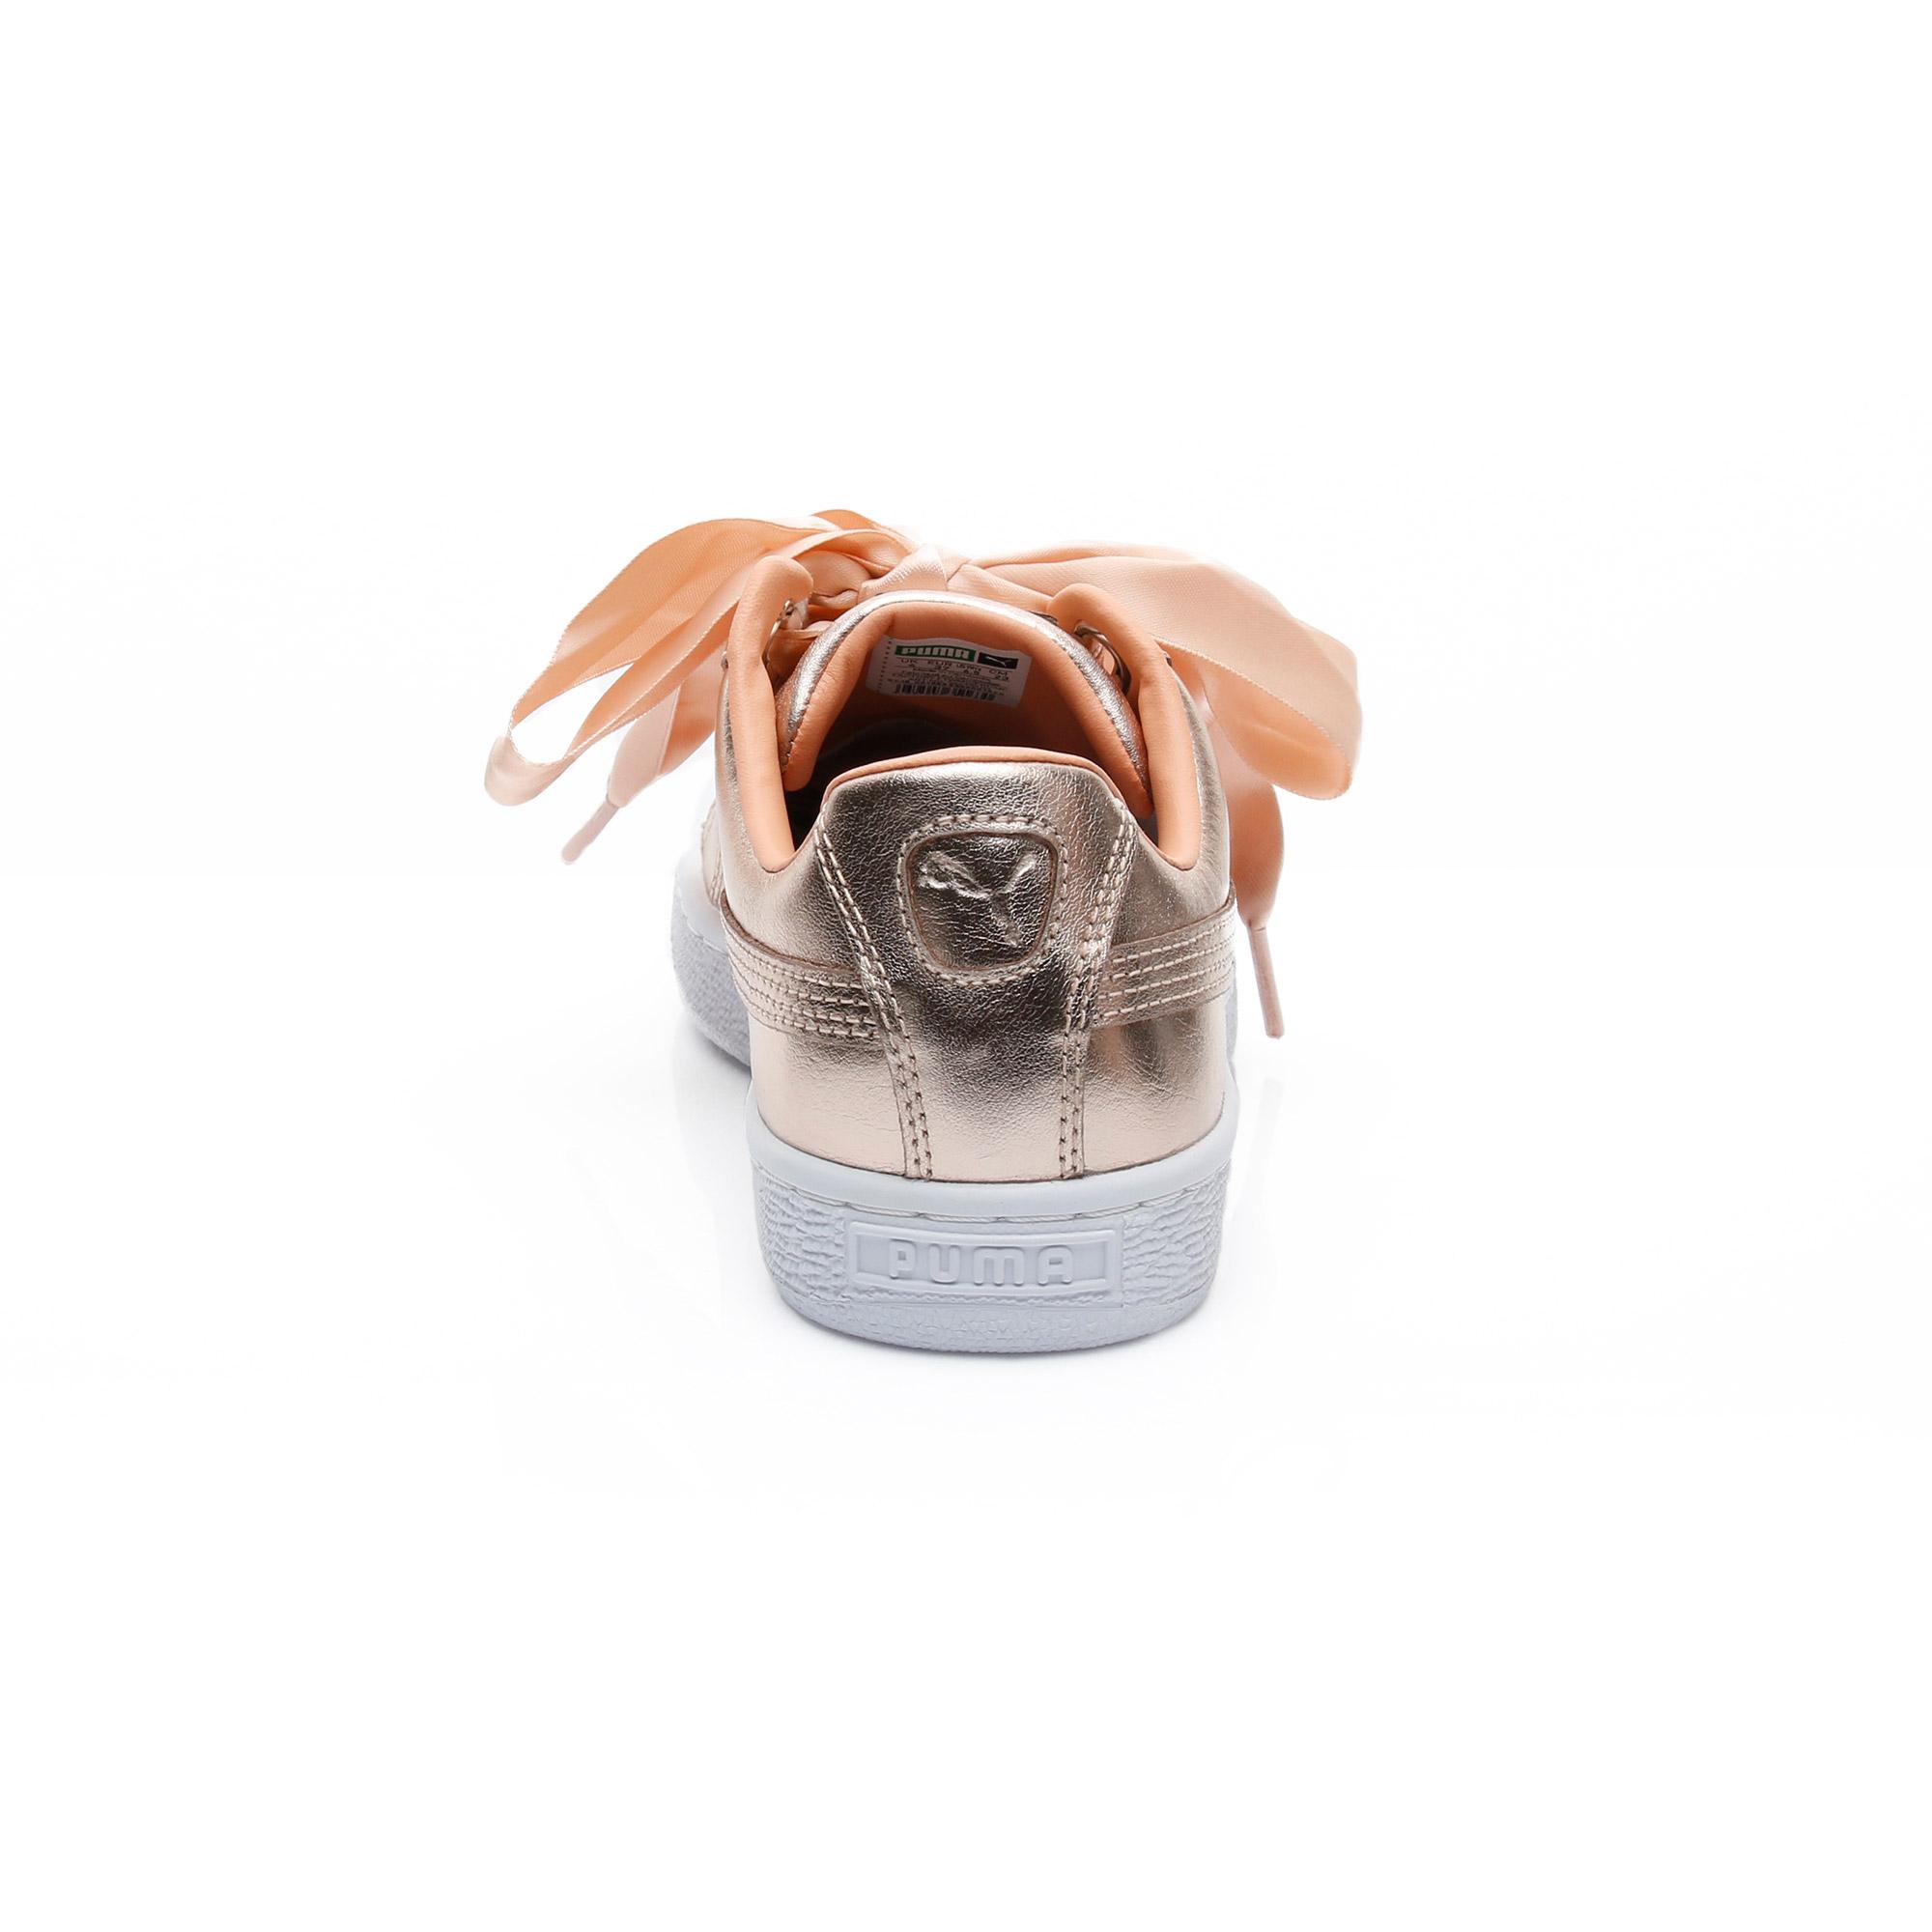 Puma Basket Kadın Altın Spor Ayakkabı